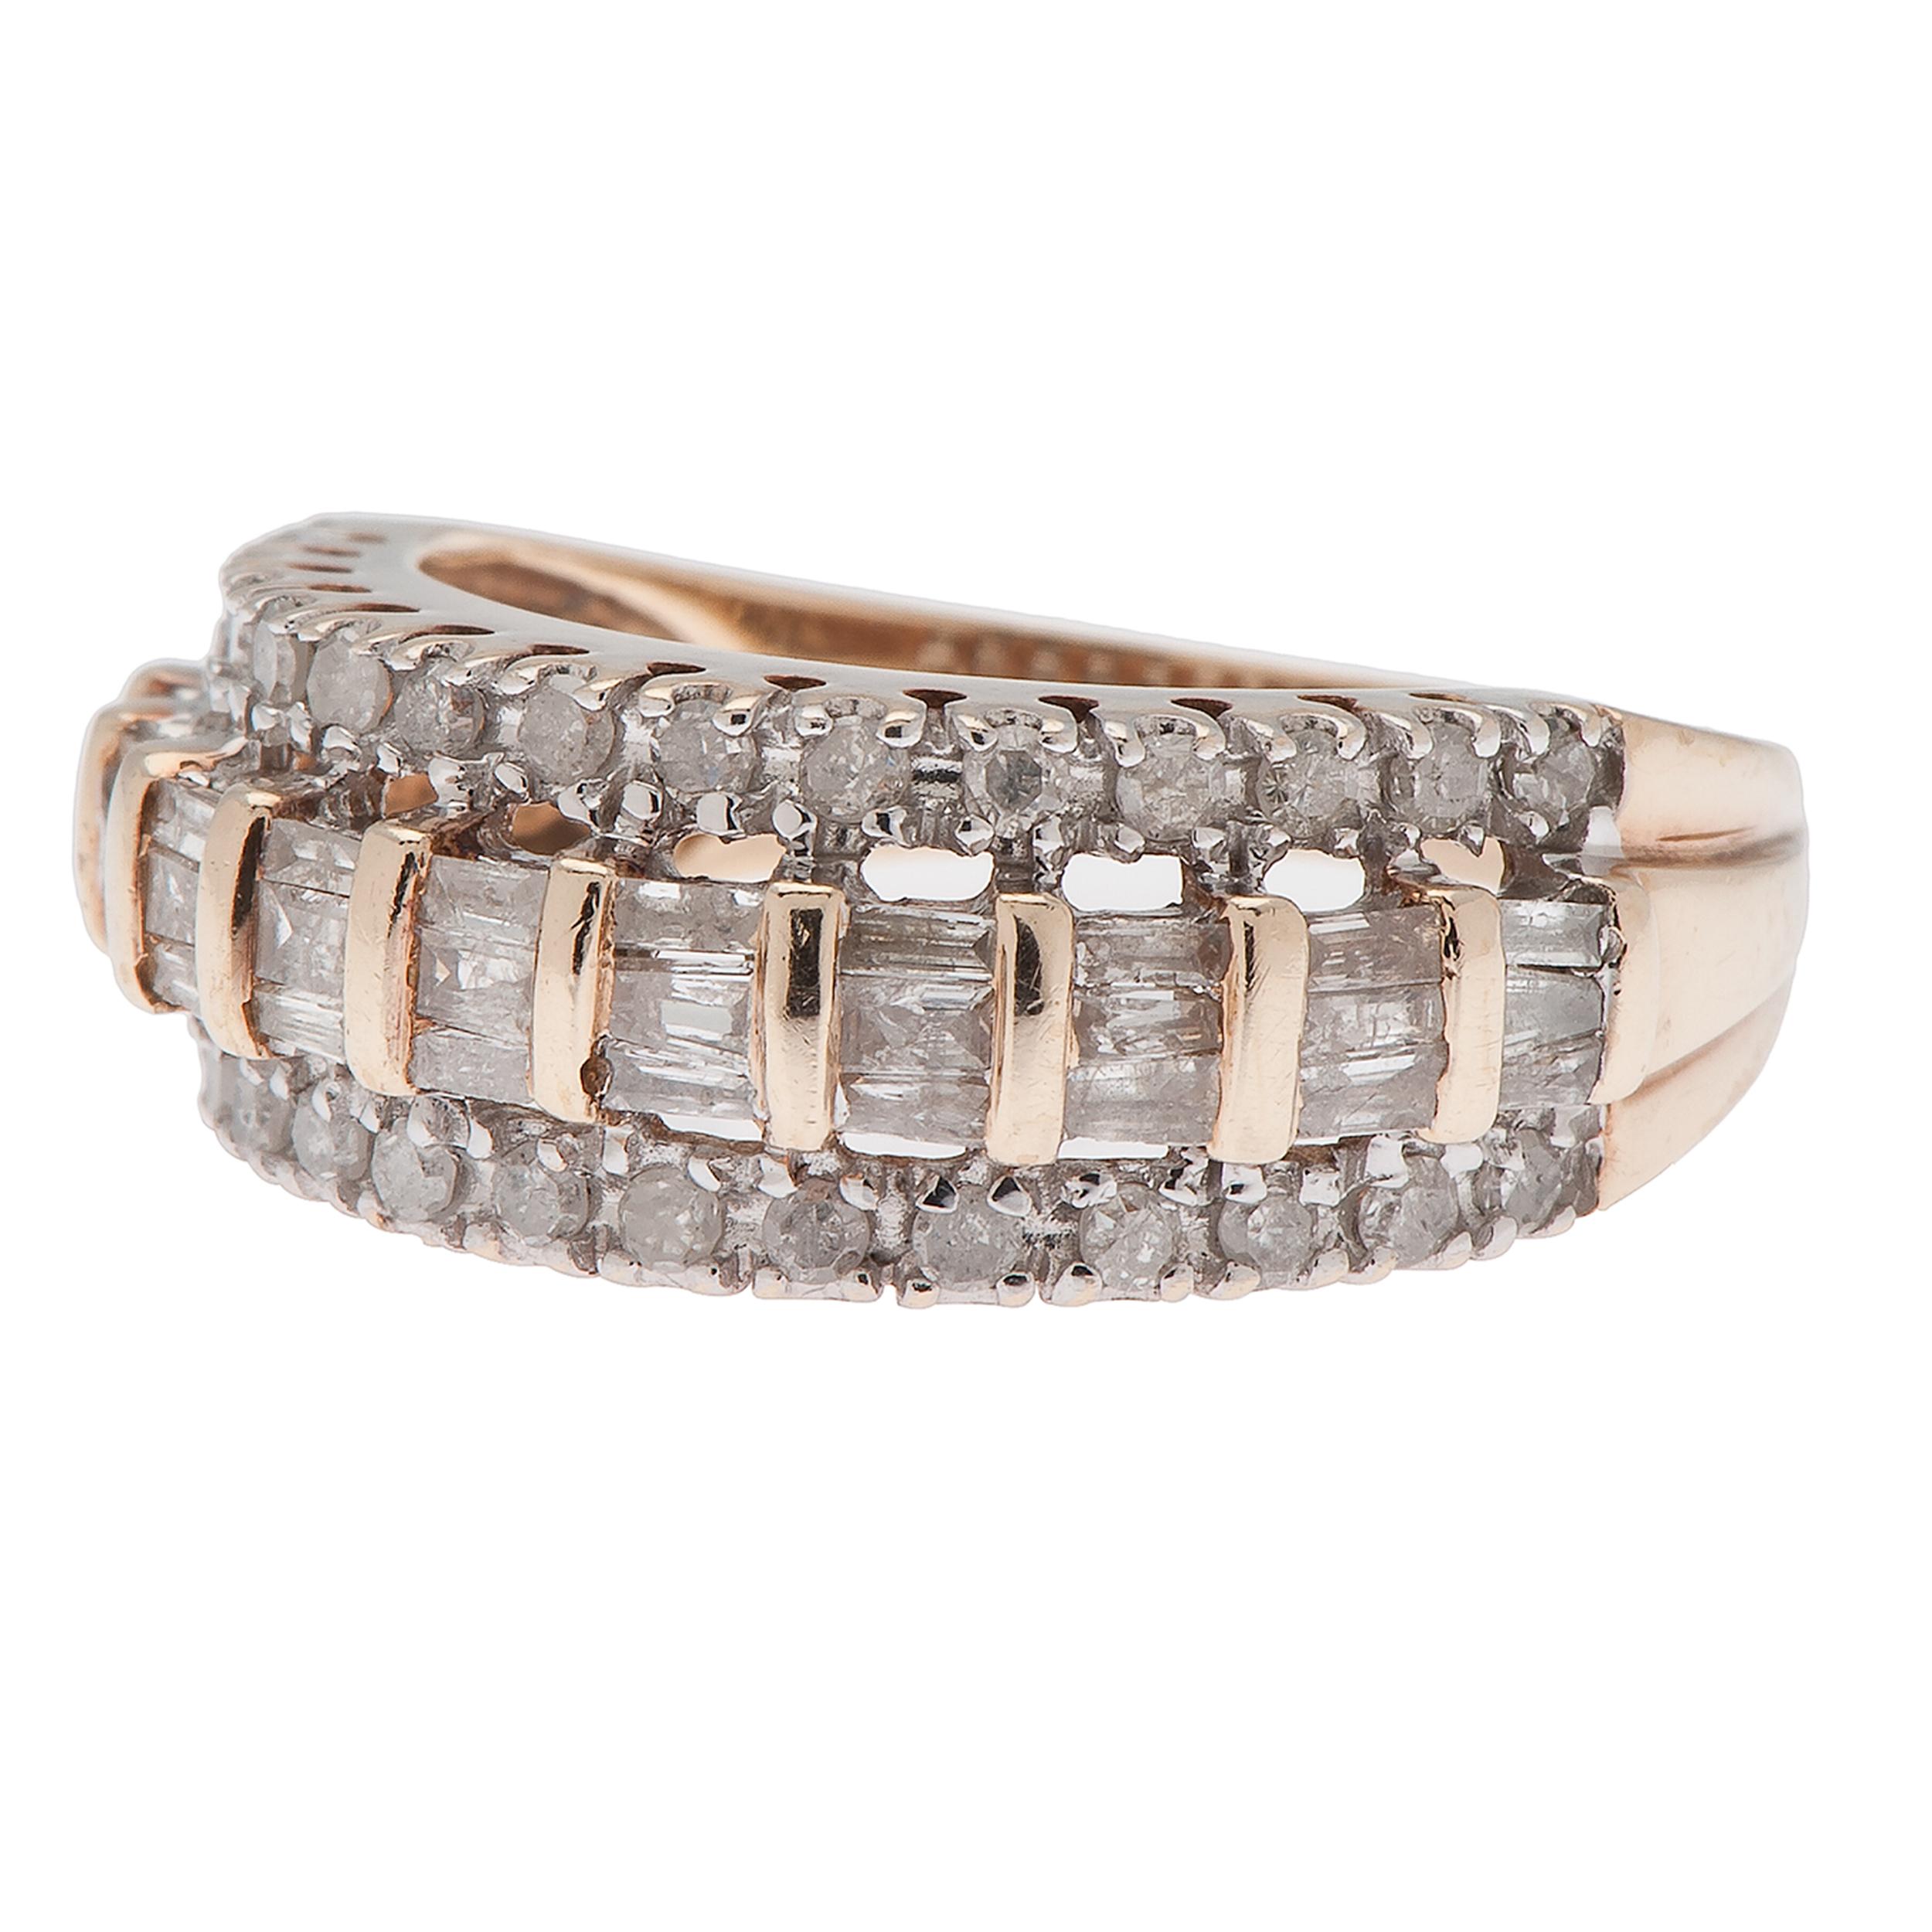 One Carat Total Weight Diamond Ring In 10 Karat Yellow